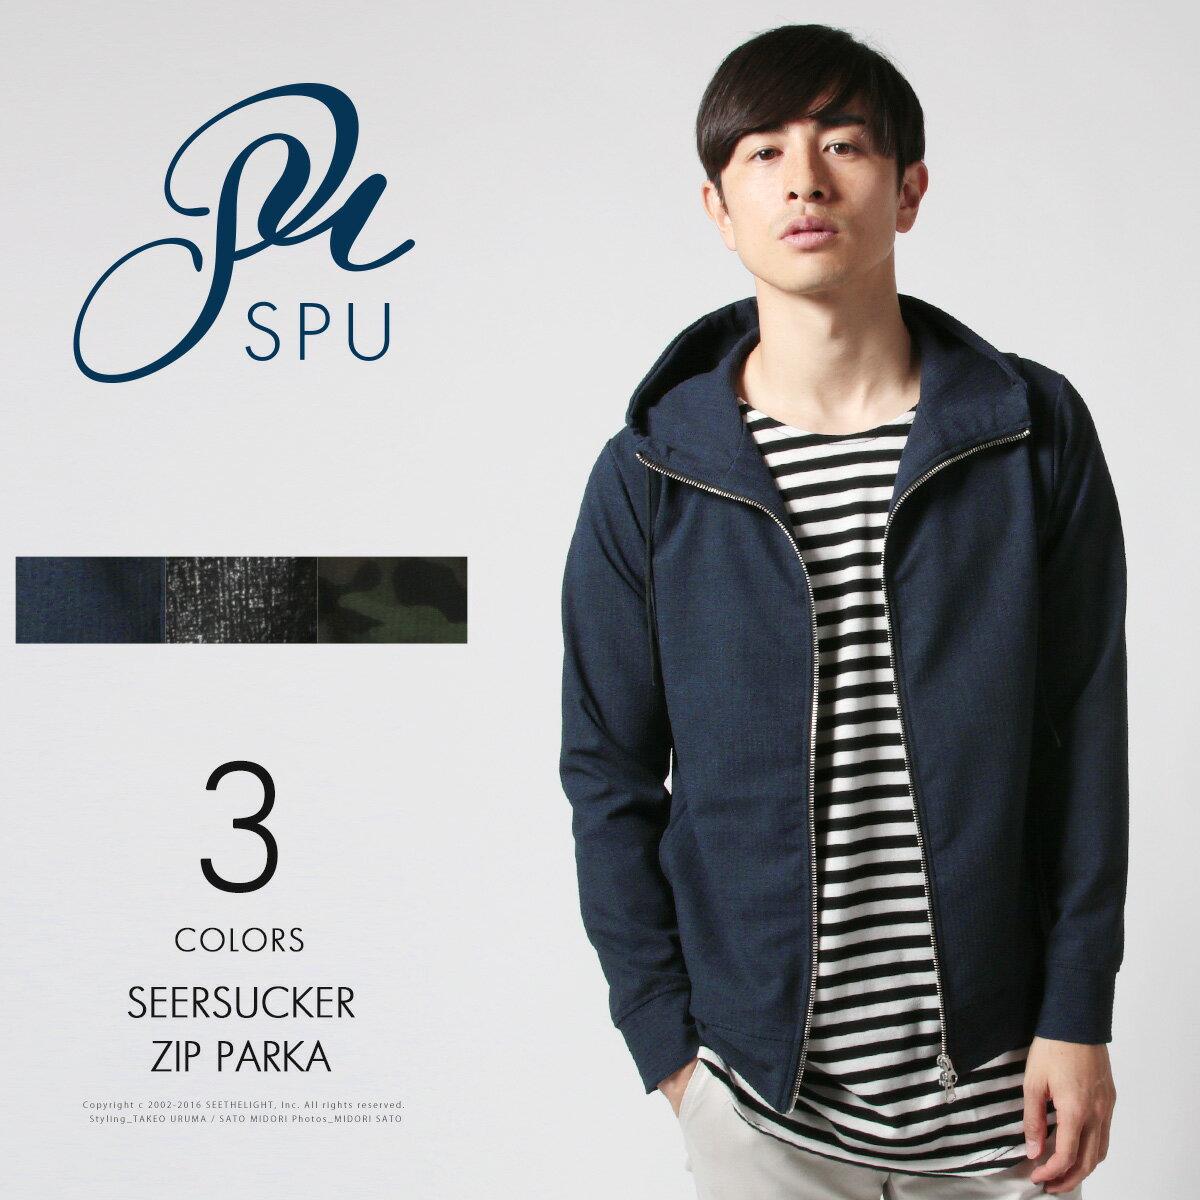 メンズファッション 春 エバレット 2WAY シアサッカー ZIP パーカー SLICK スリック SPU スプ